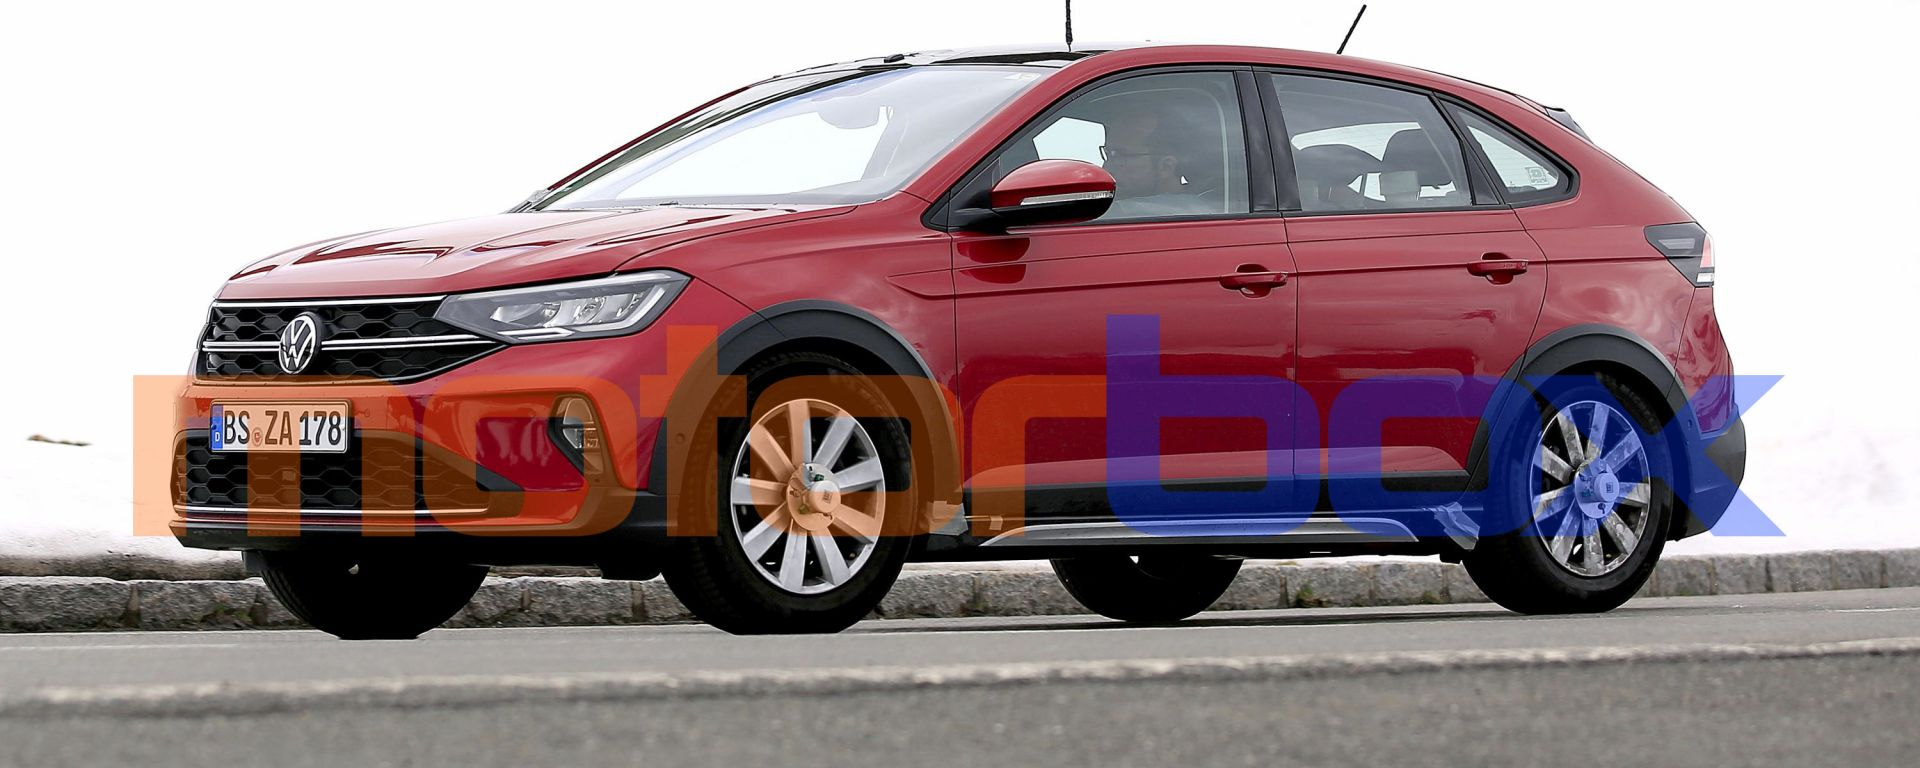 Volkswagen Taigo 2021: nuove foto spia del SUV coupé compatto